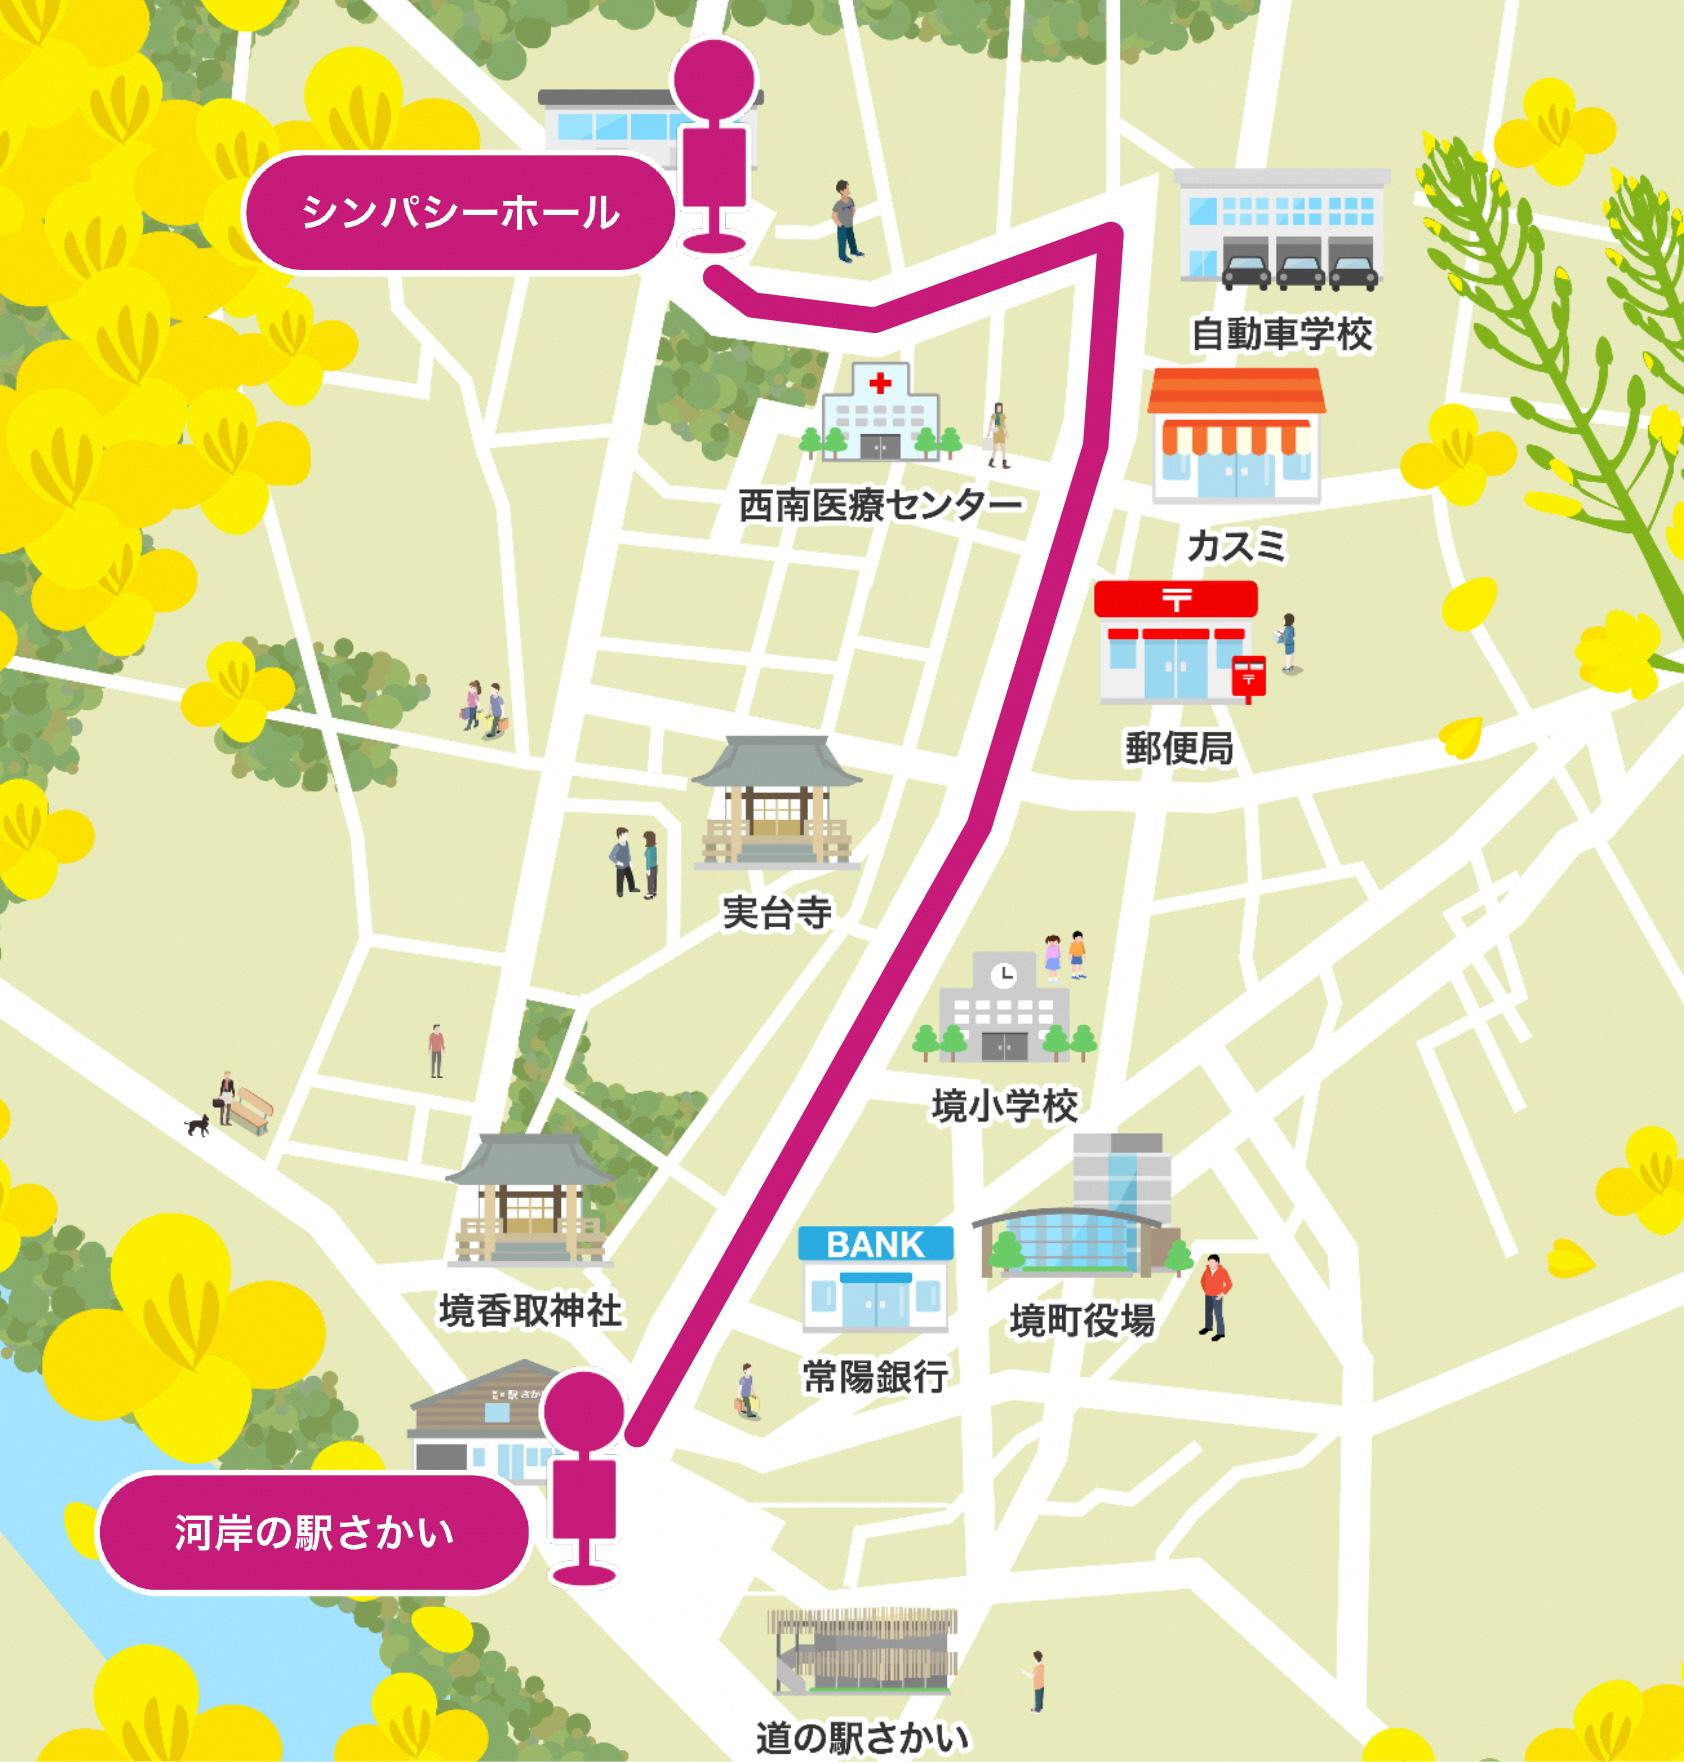 『自動運転バス経路図』の画像